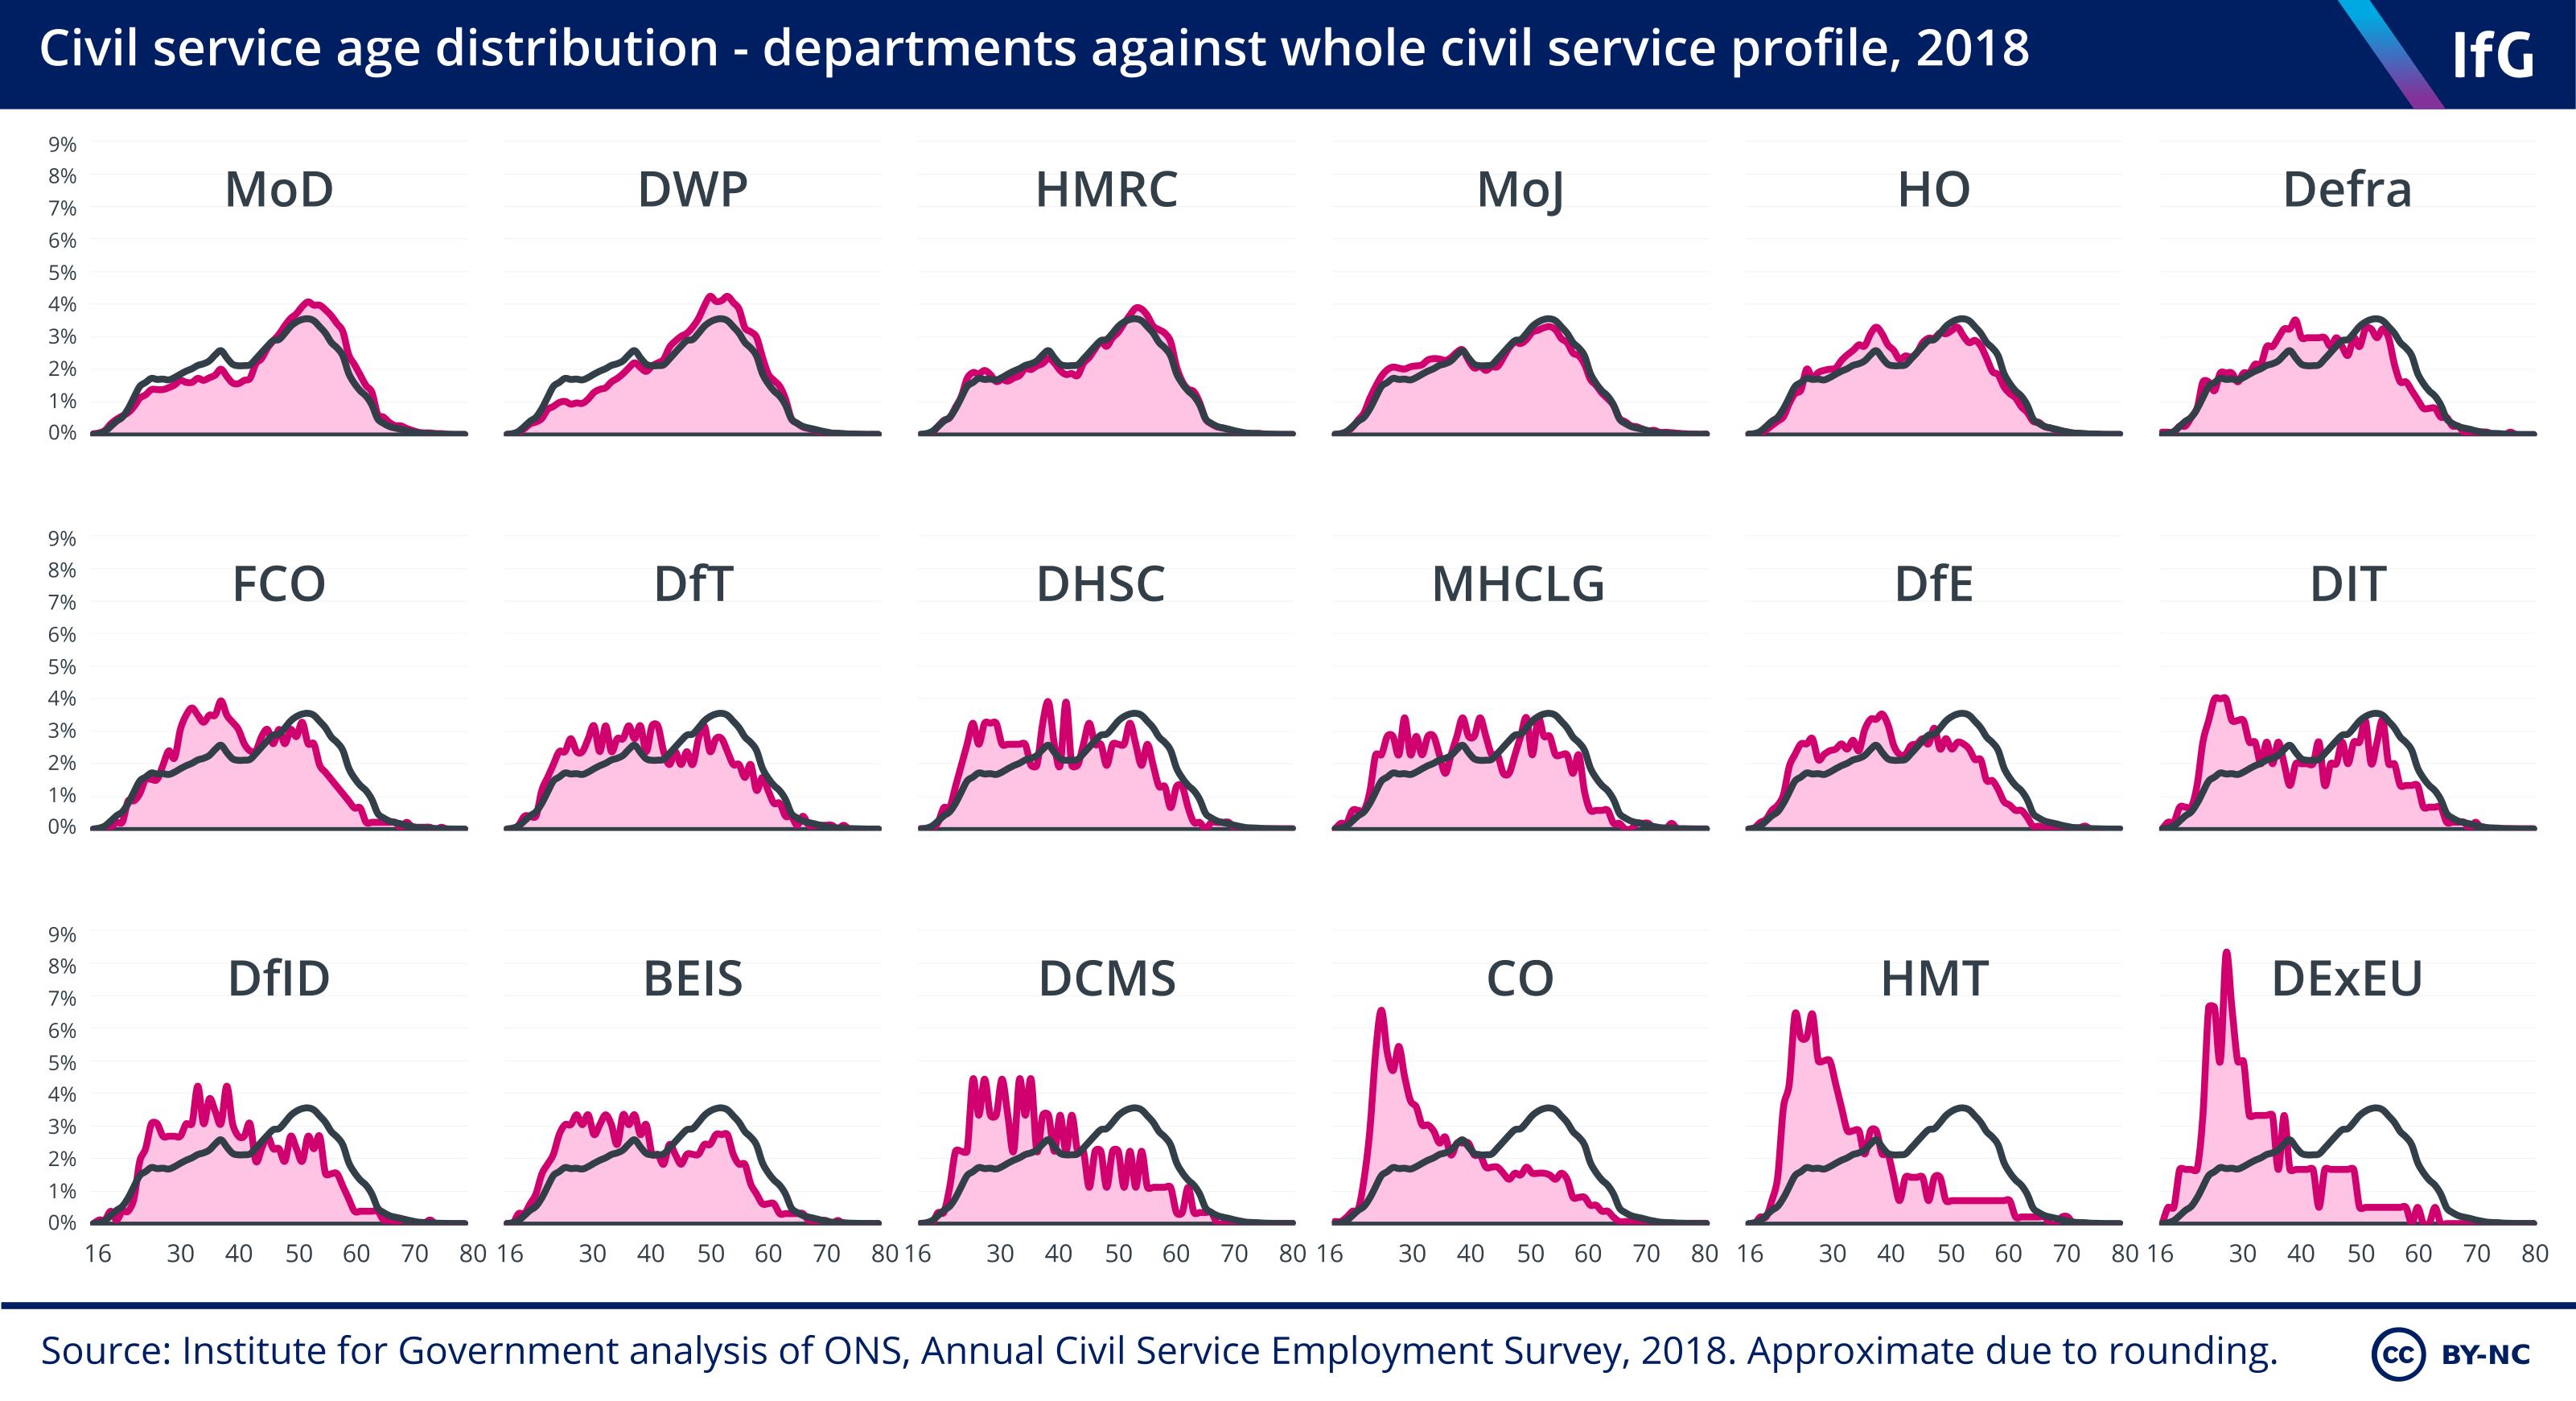 Civil service age distribution – departments against whole civil service profile, 2018